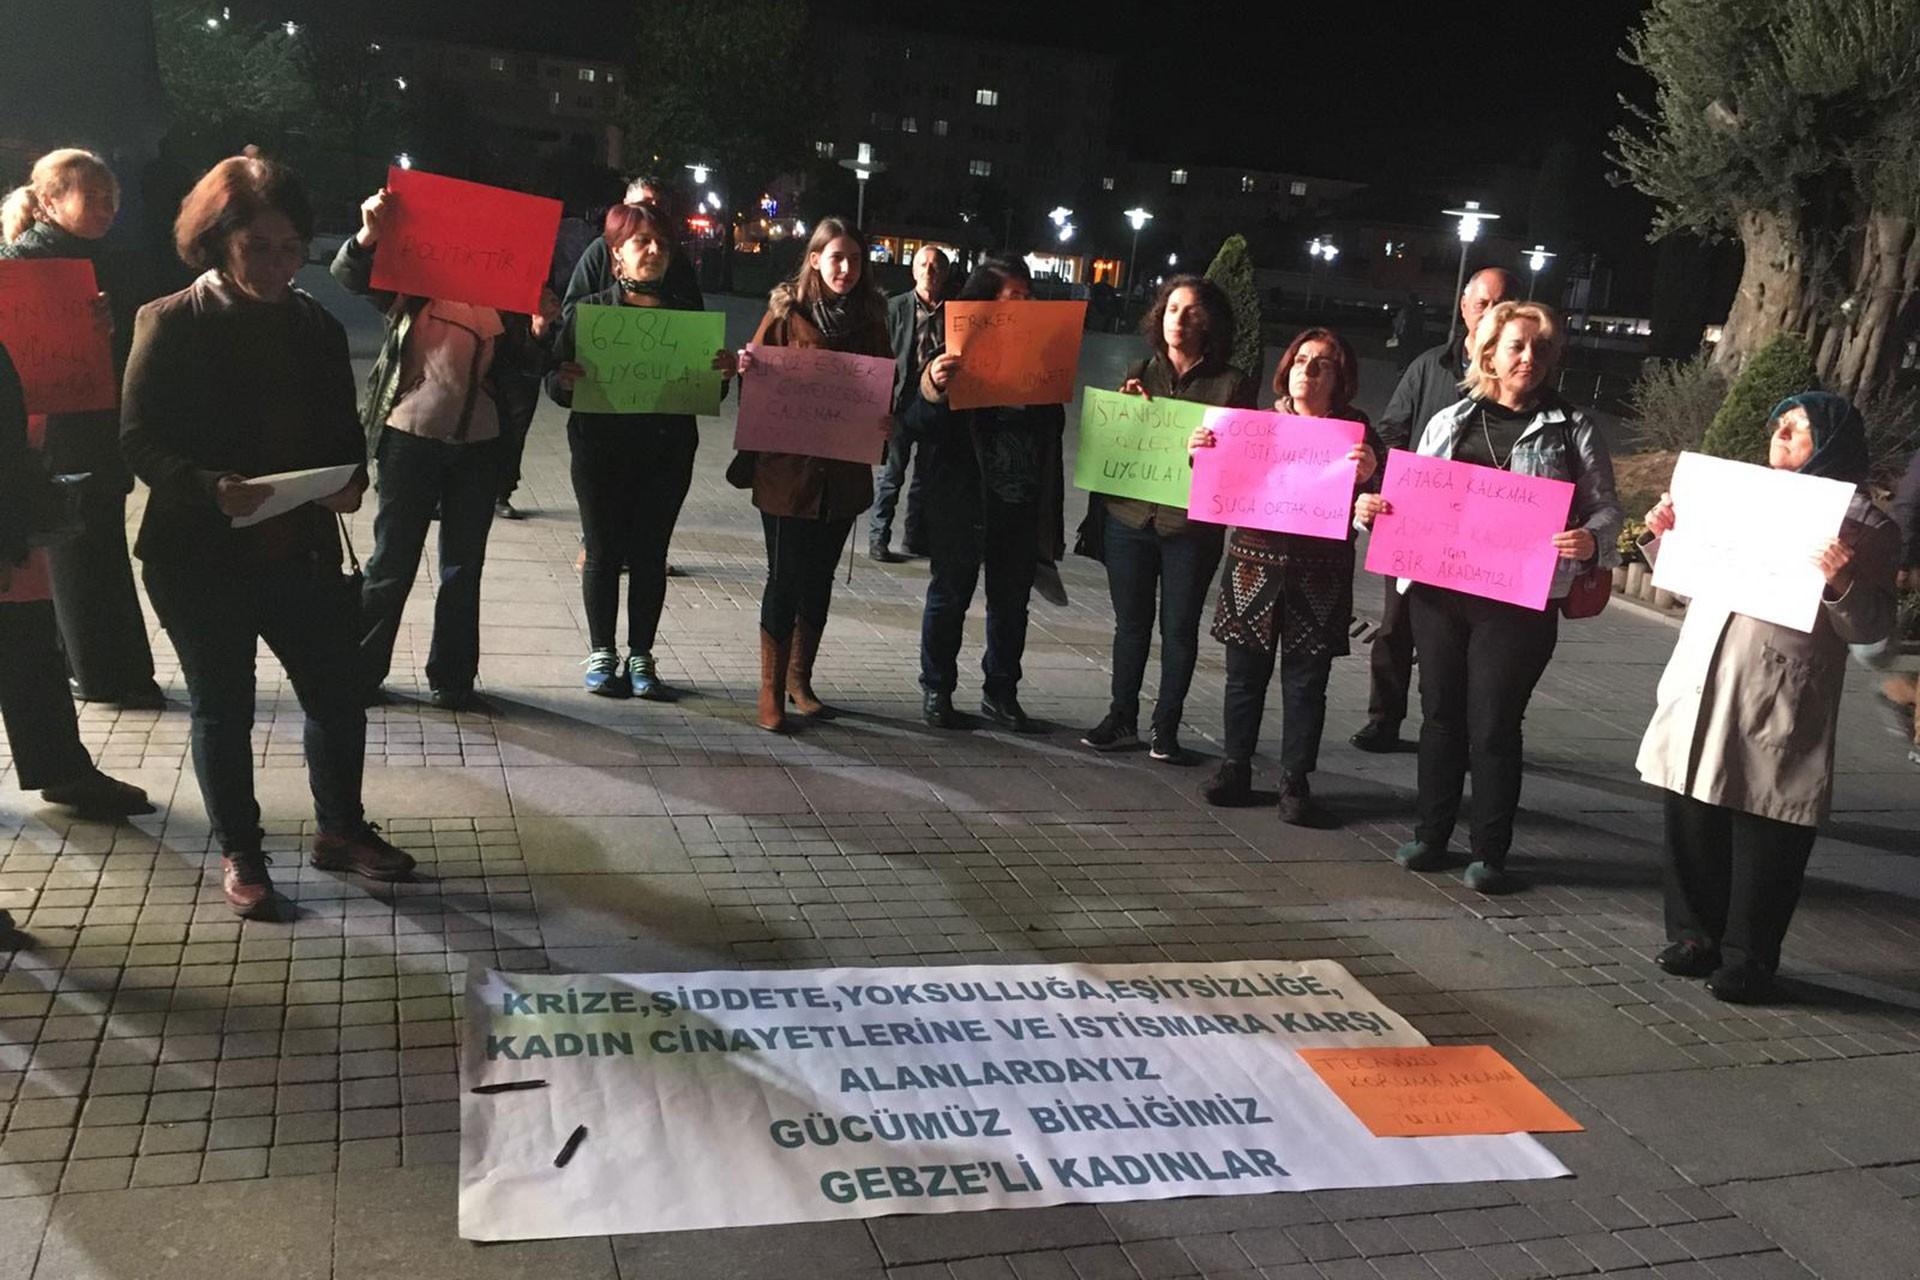 Gebze'de düzenlenen 25 Kasım eylemi